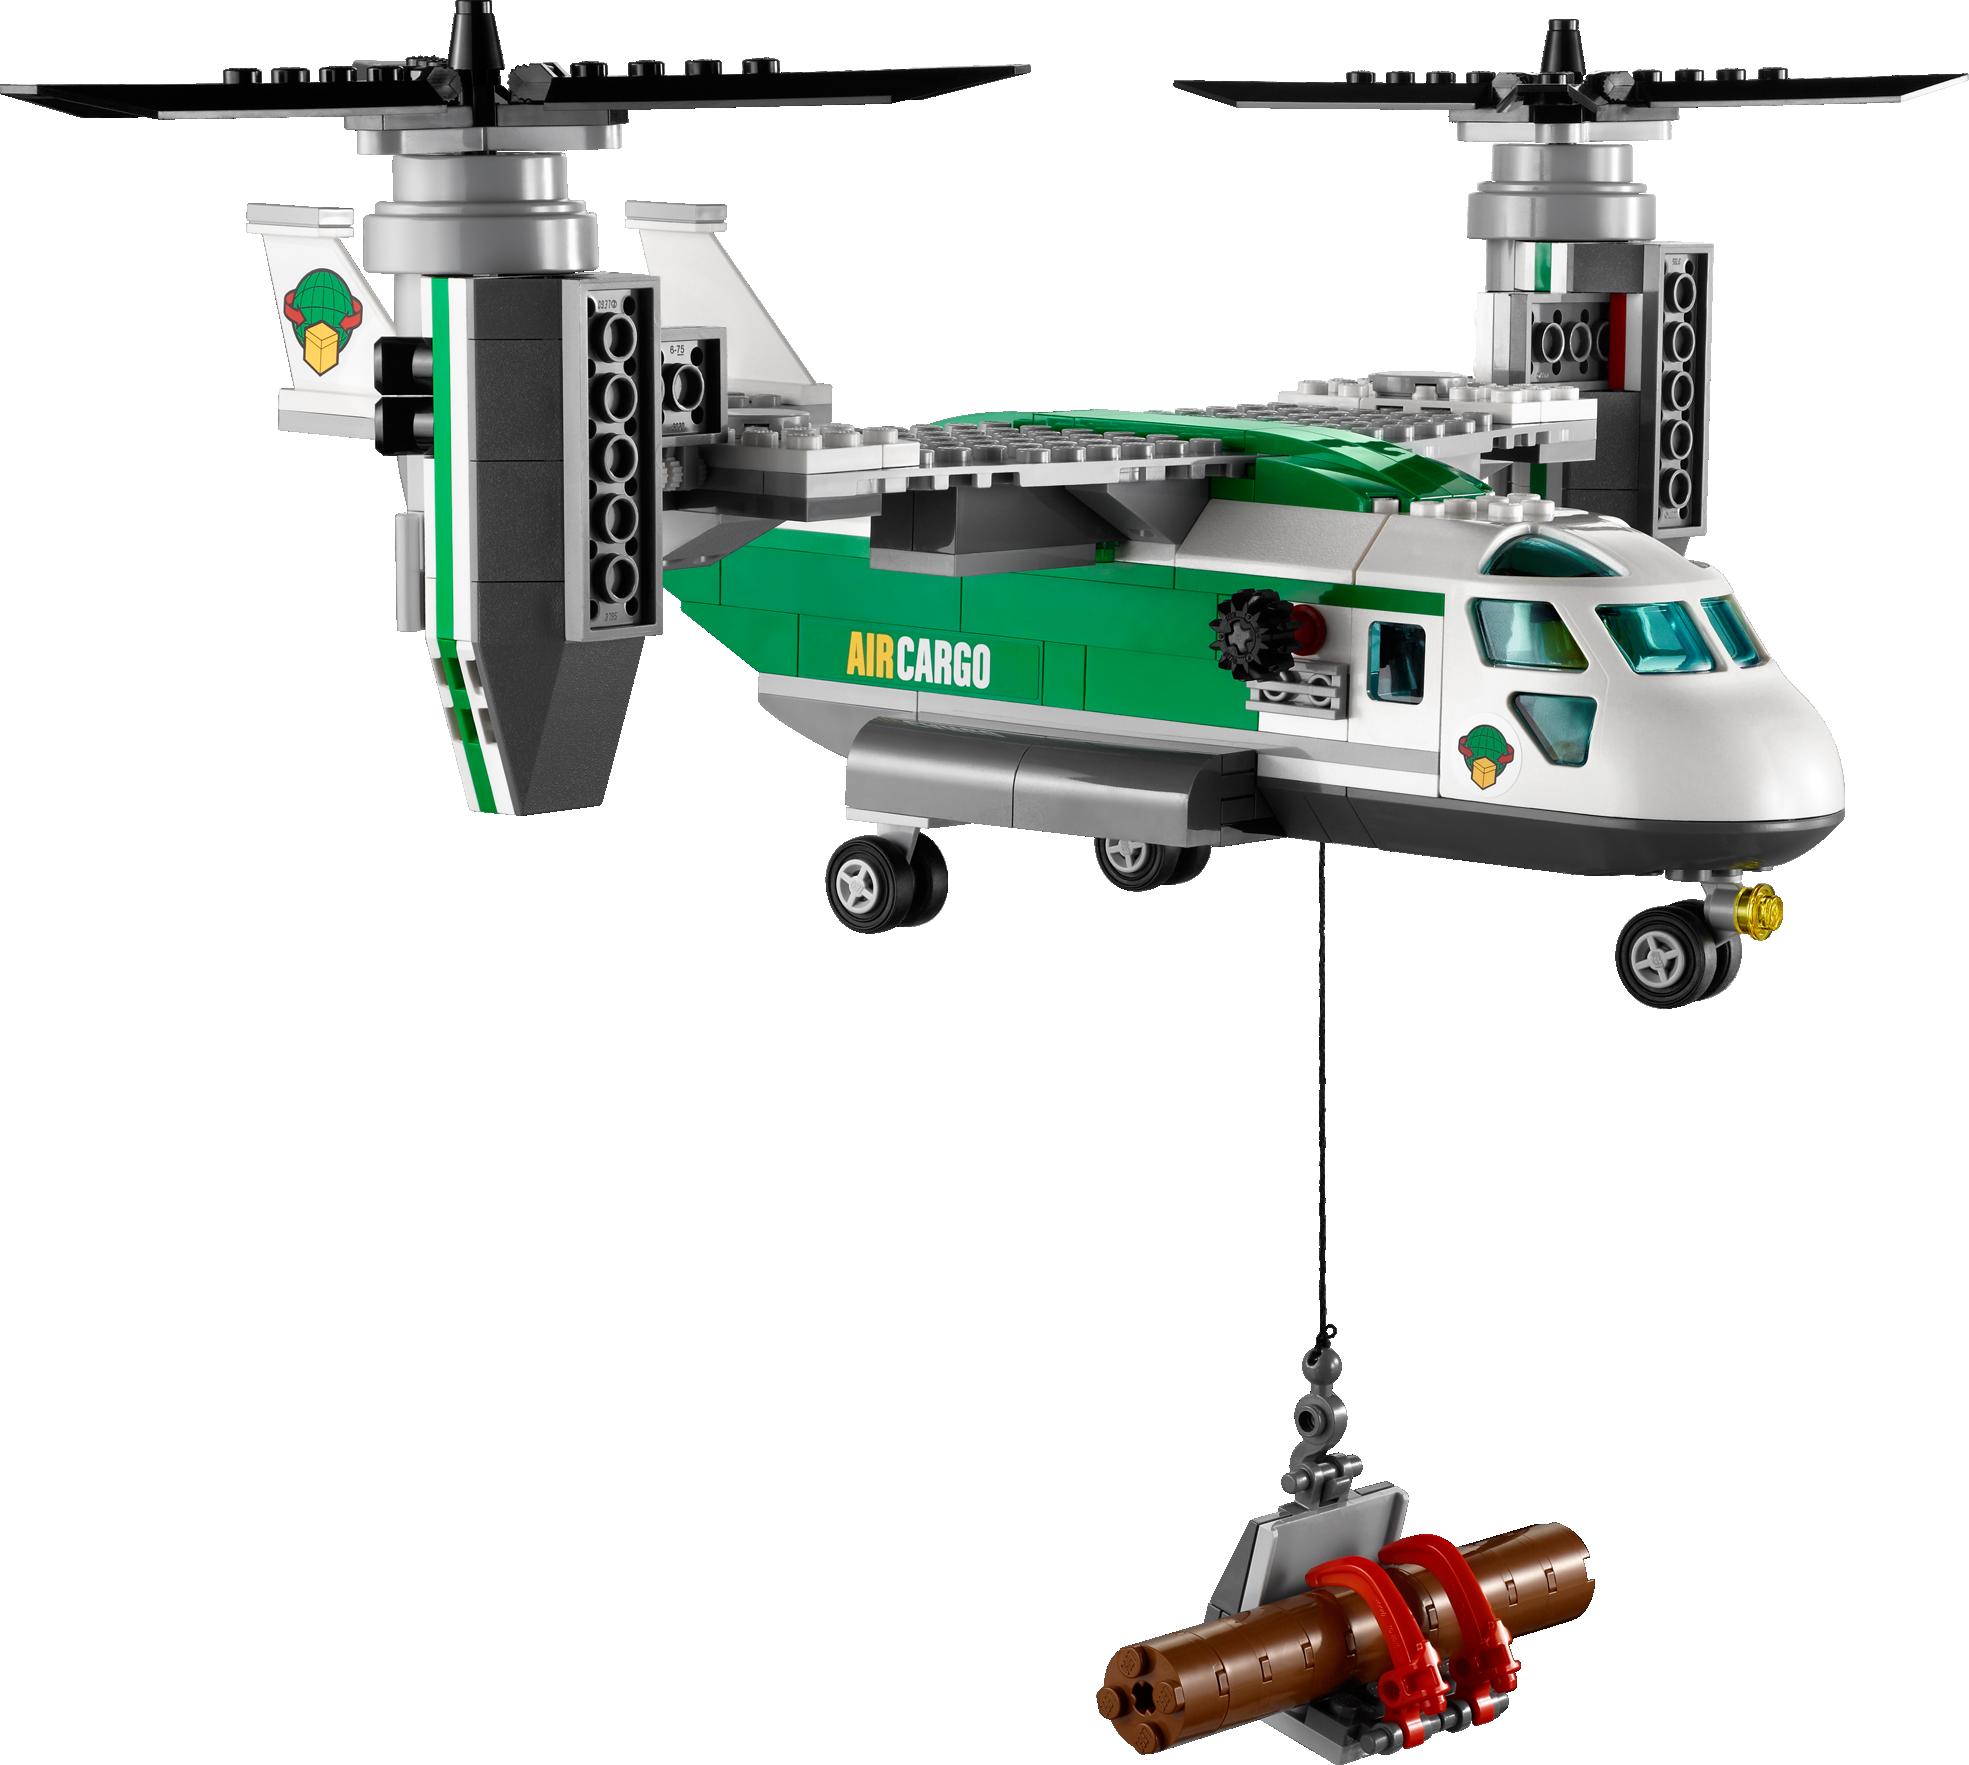 Cargo Heliplane